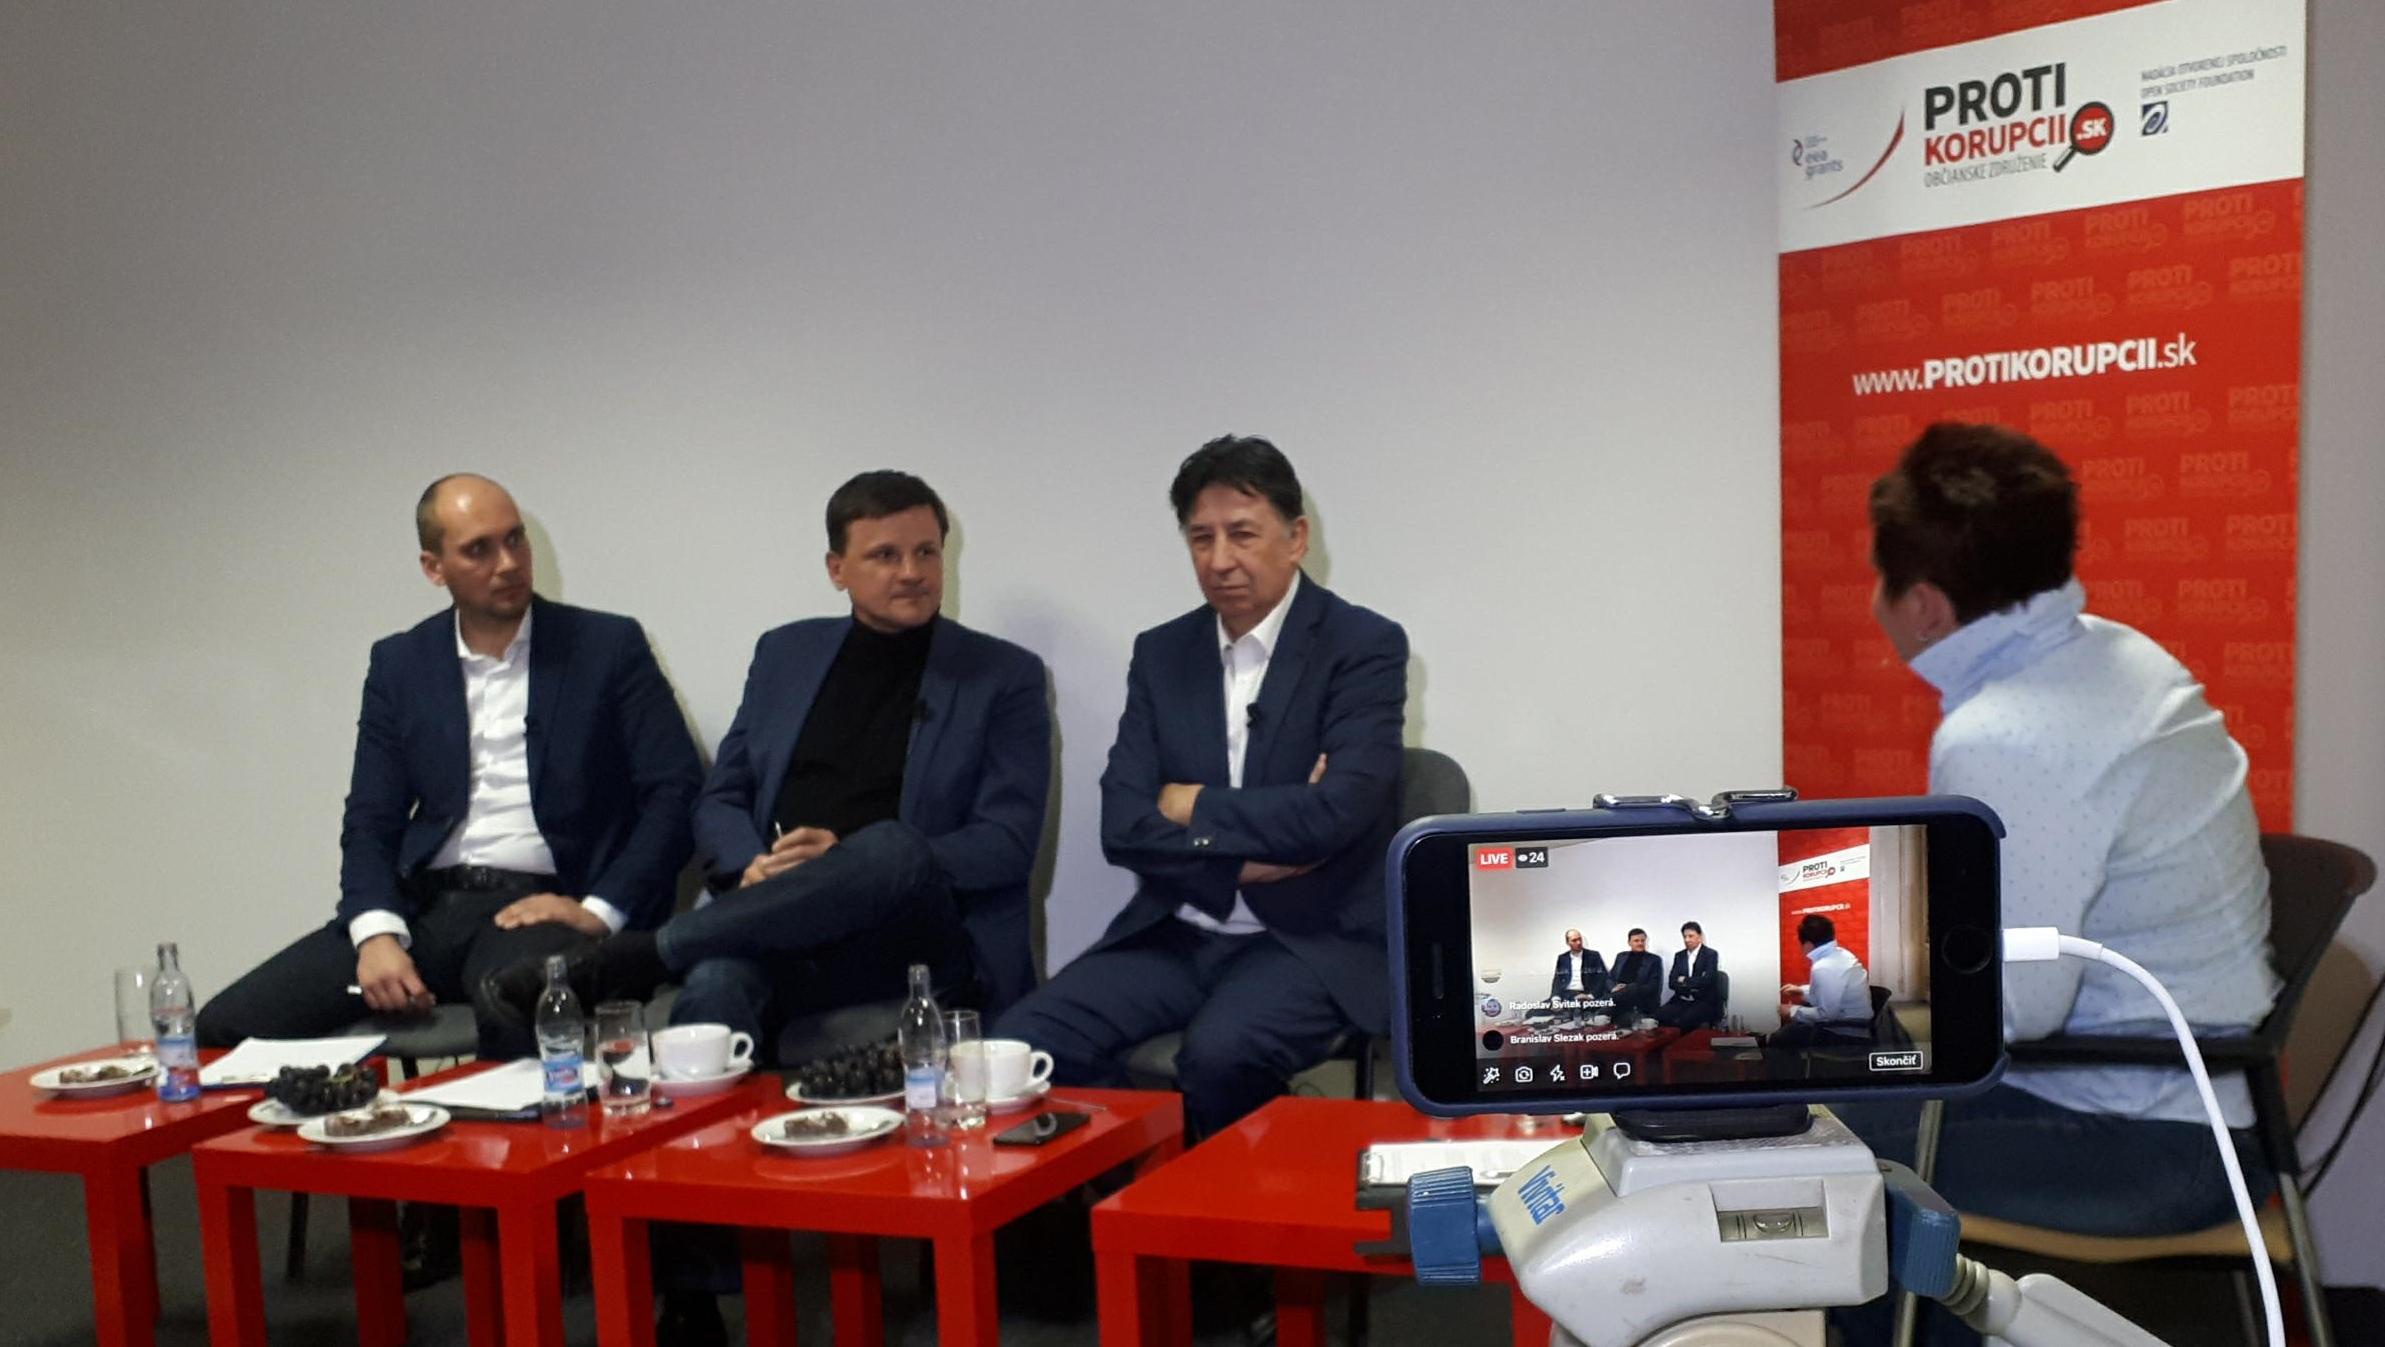 Občianskeho združenia Proti korupcií venovanej vražde investigatívneho novinára v Žiline